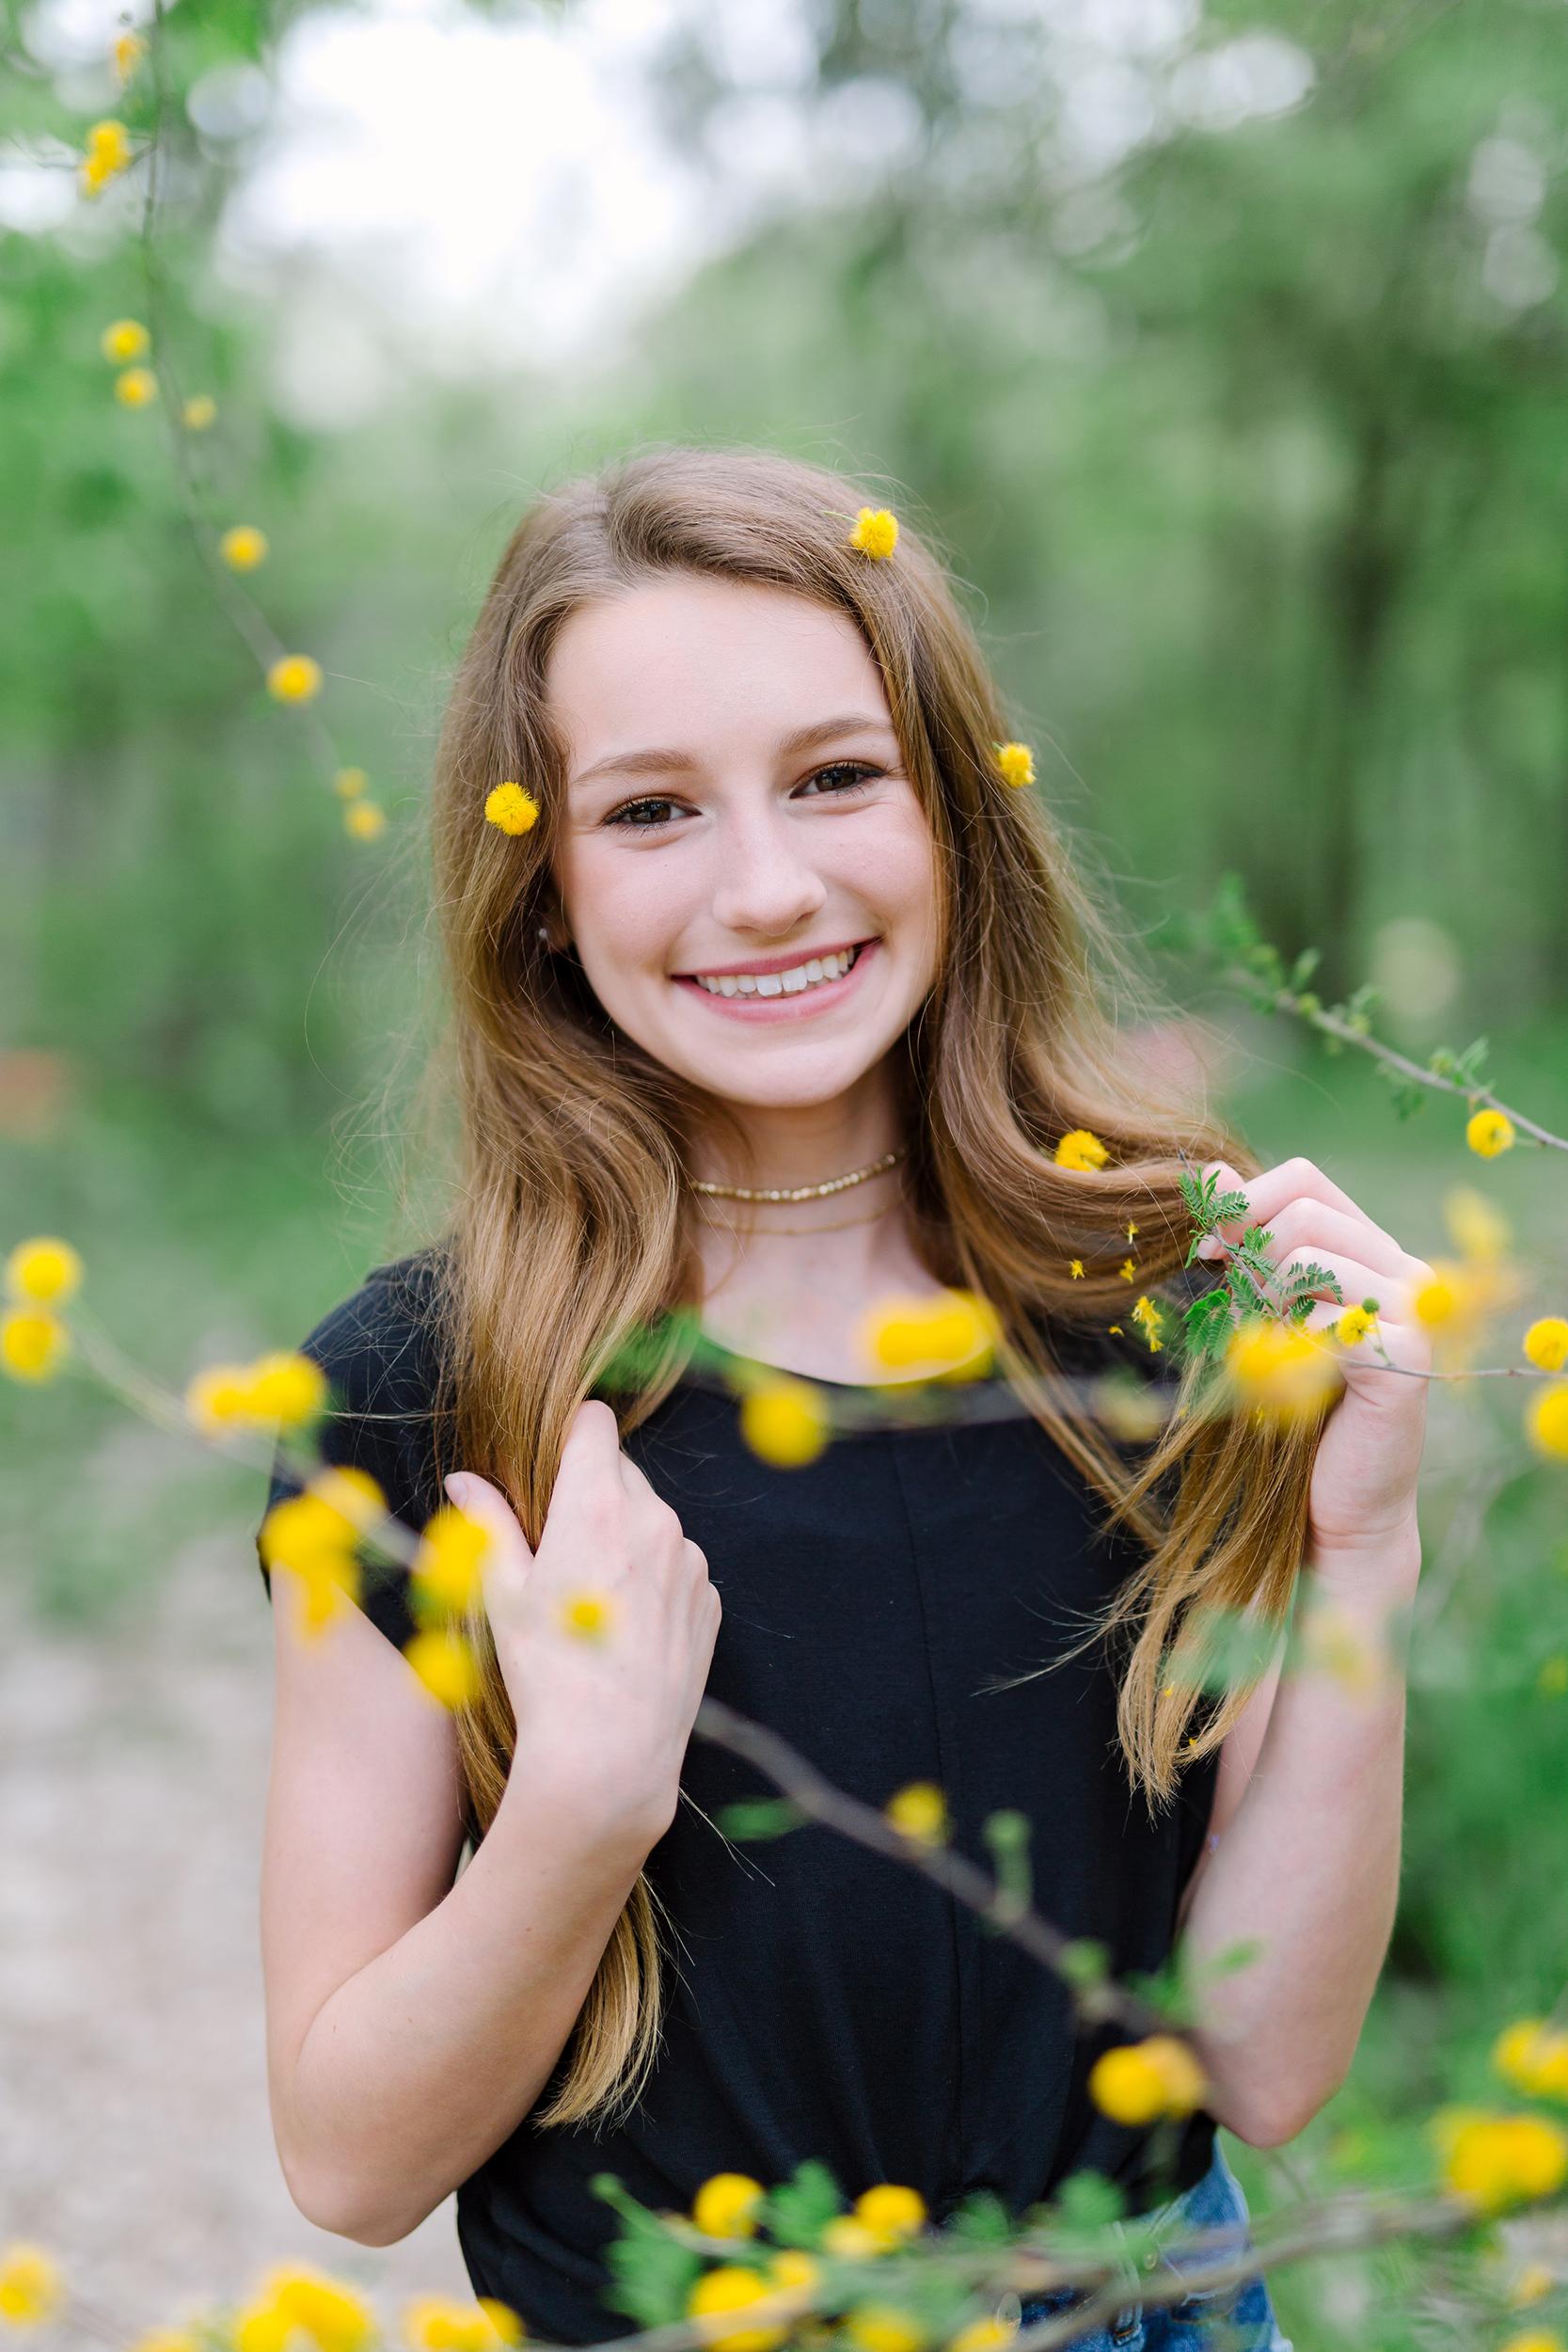 Austin_Teen_Beauty_Photogrpaher_Evie_KBP09.jpg